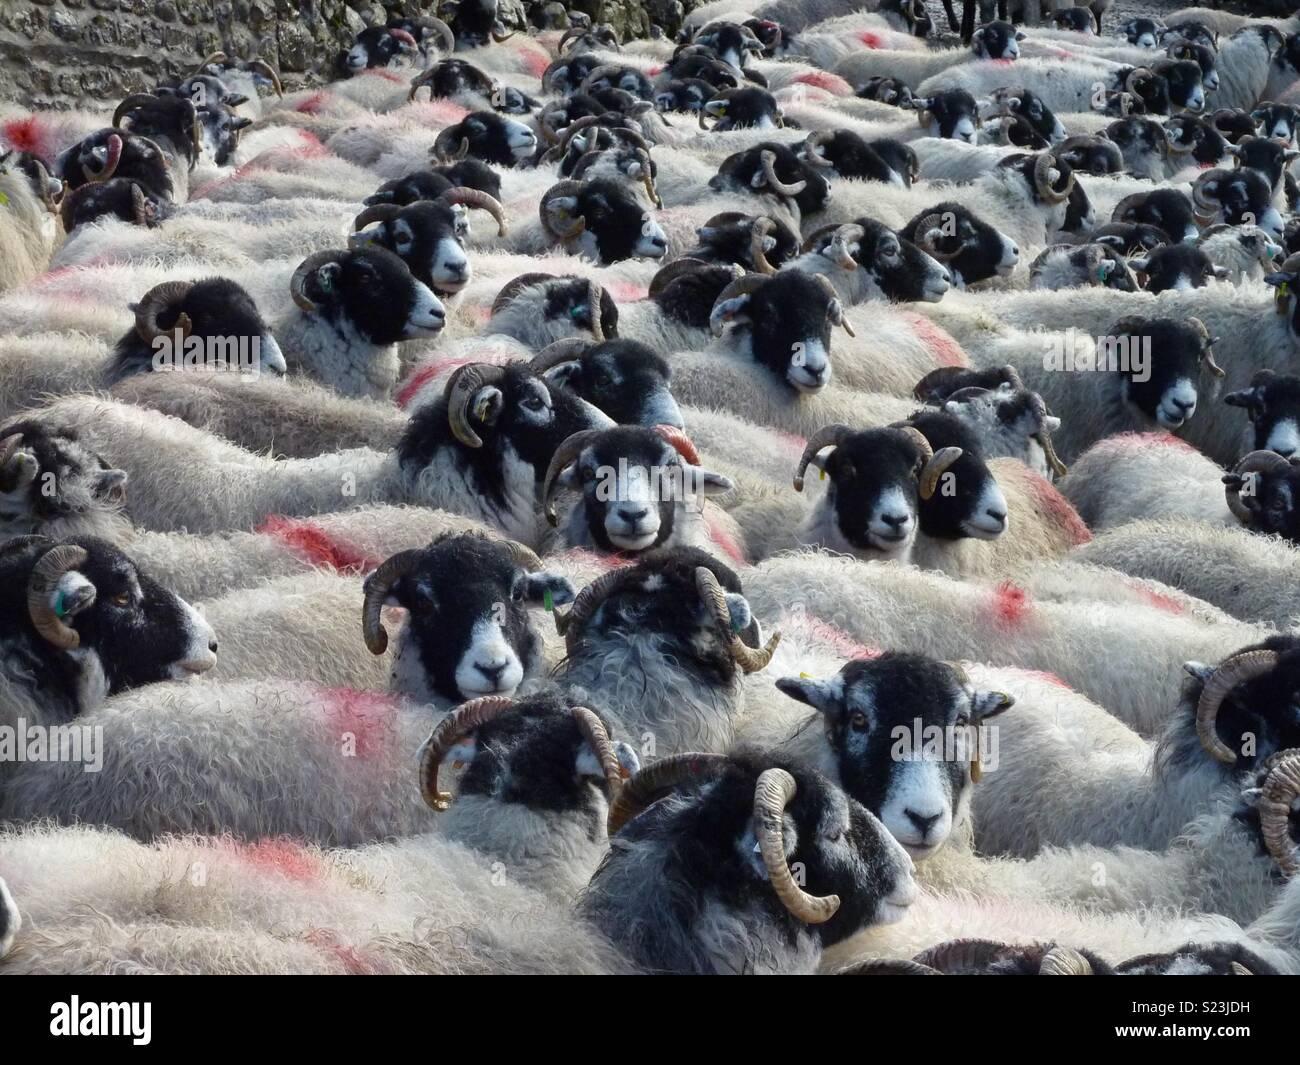 Swaledale sheep - Stock Image